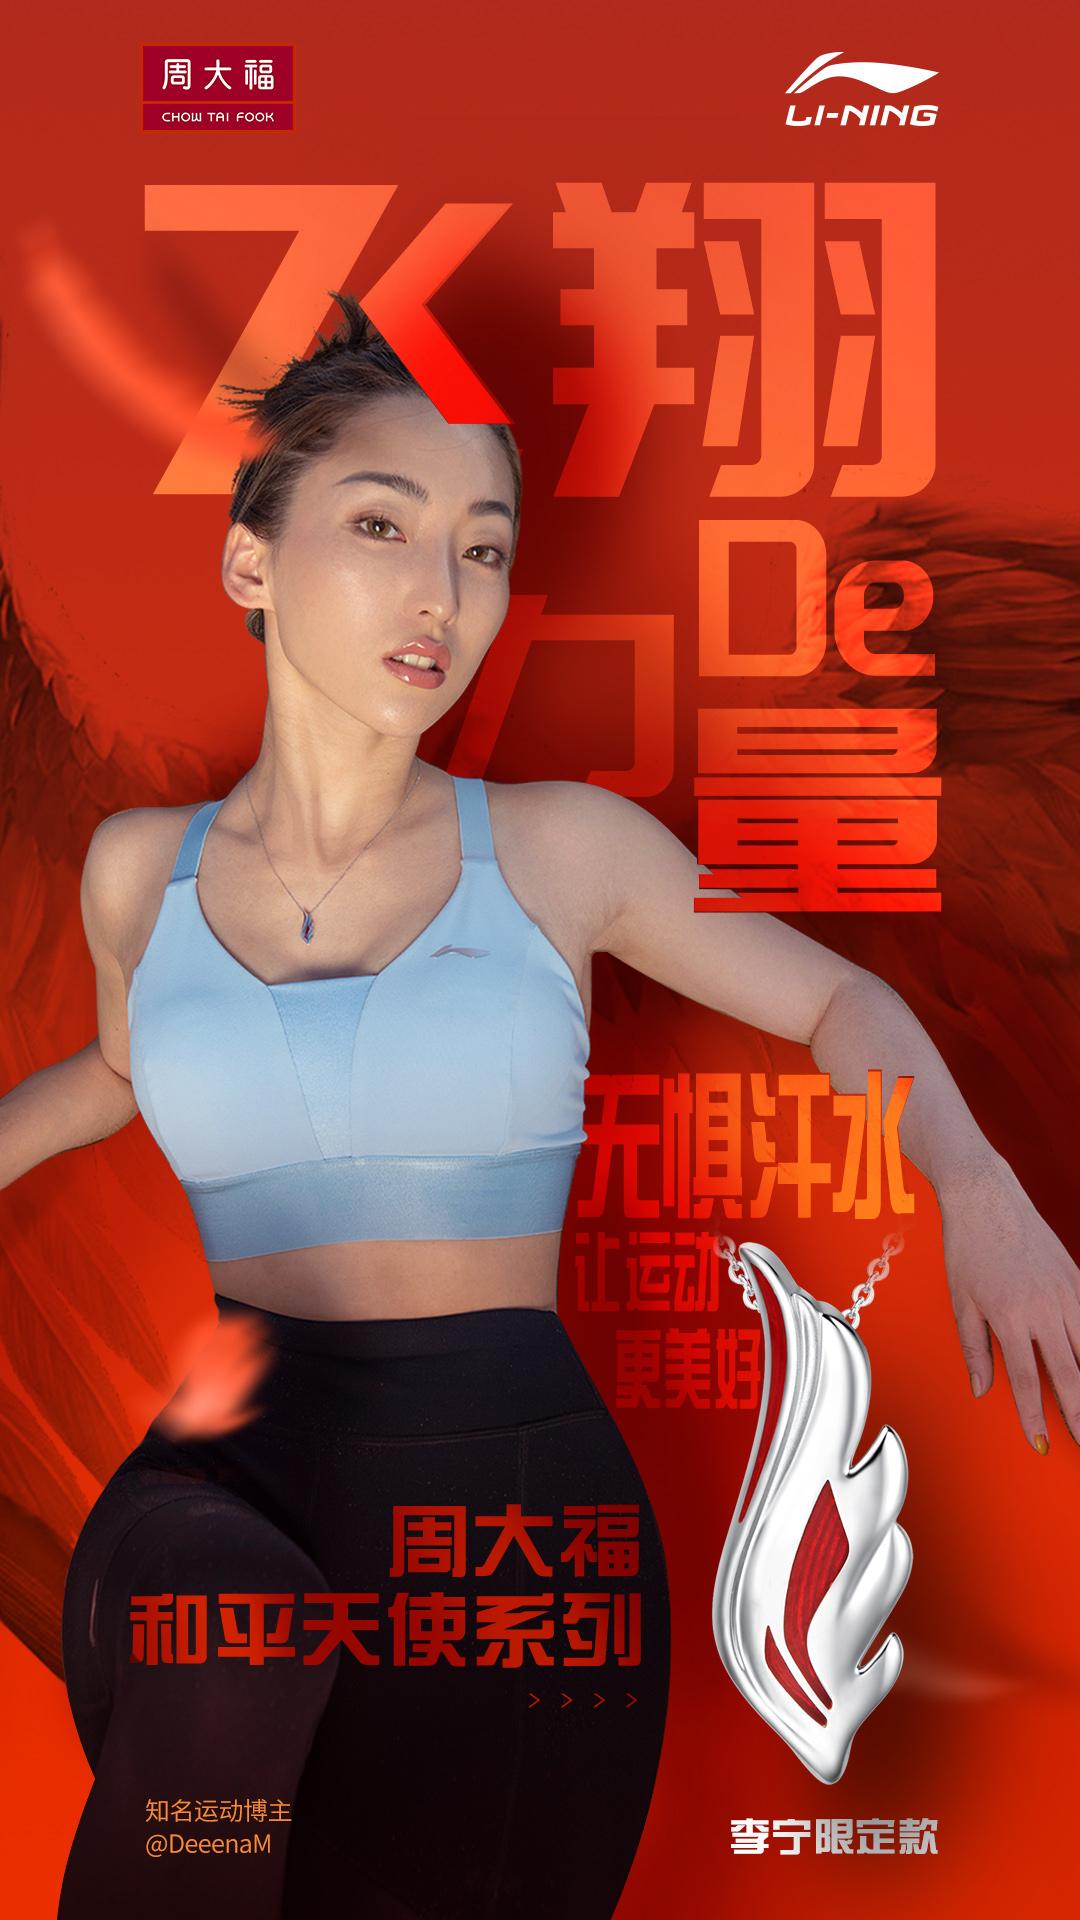 """国潮强手跨界!周大福携手李宁""""限定天使""""新风潮"""